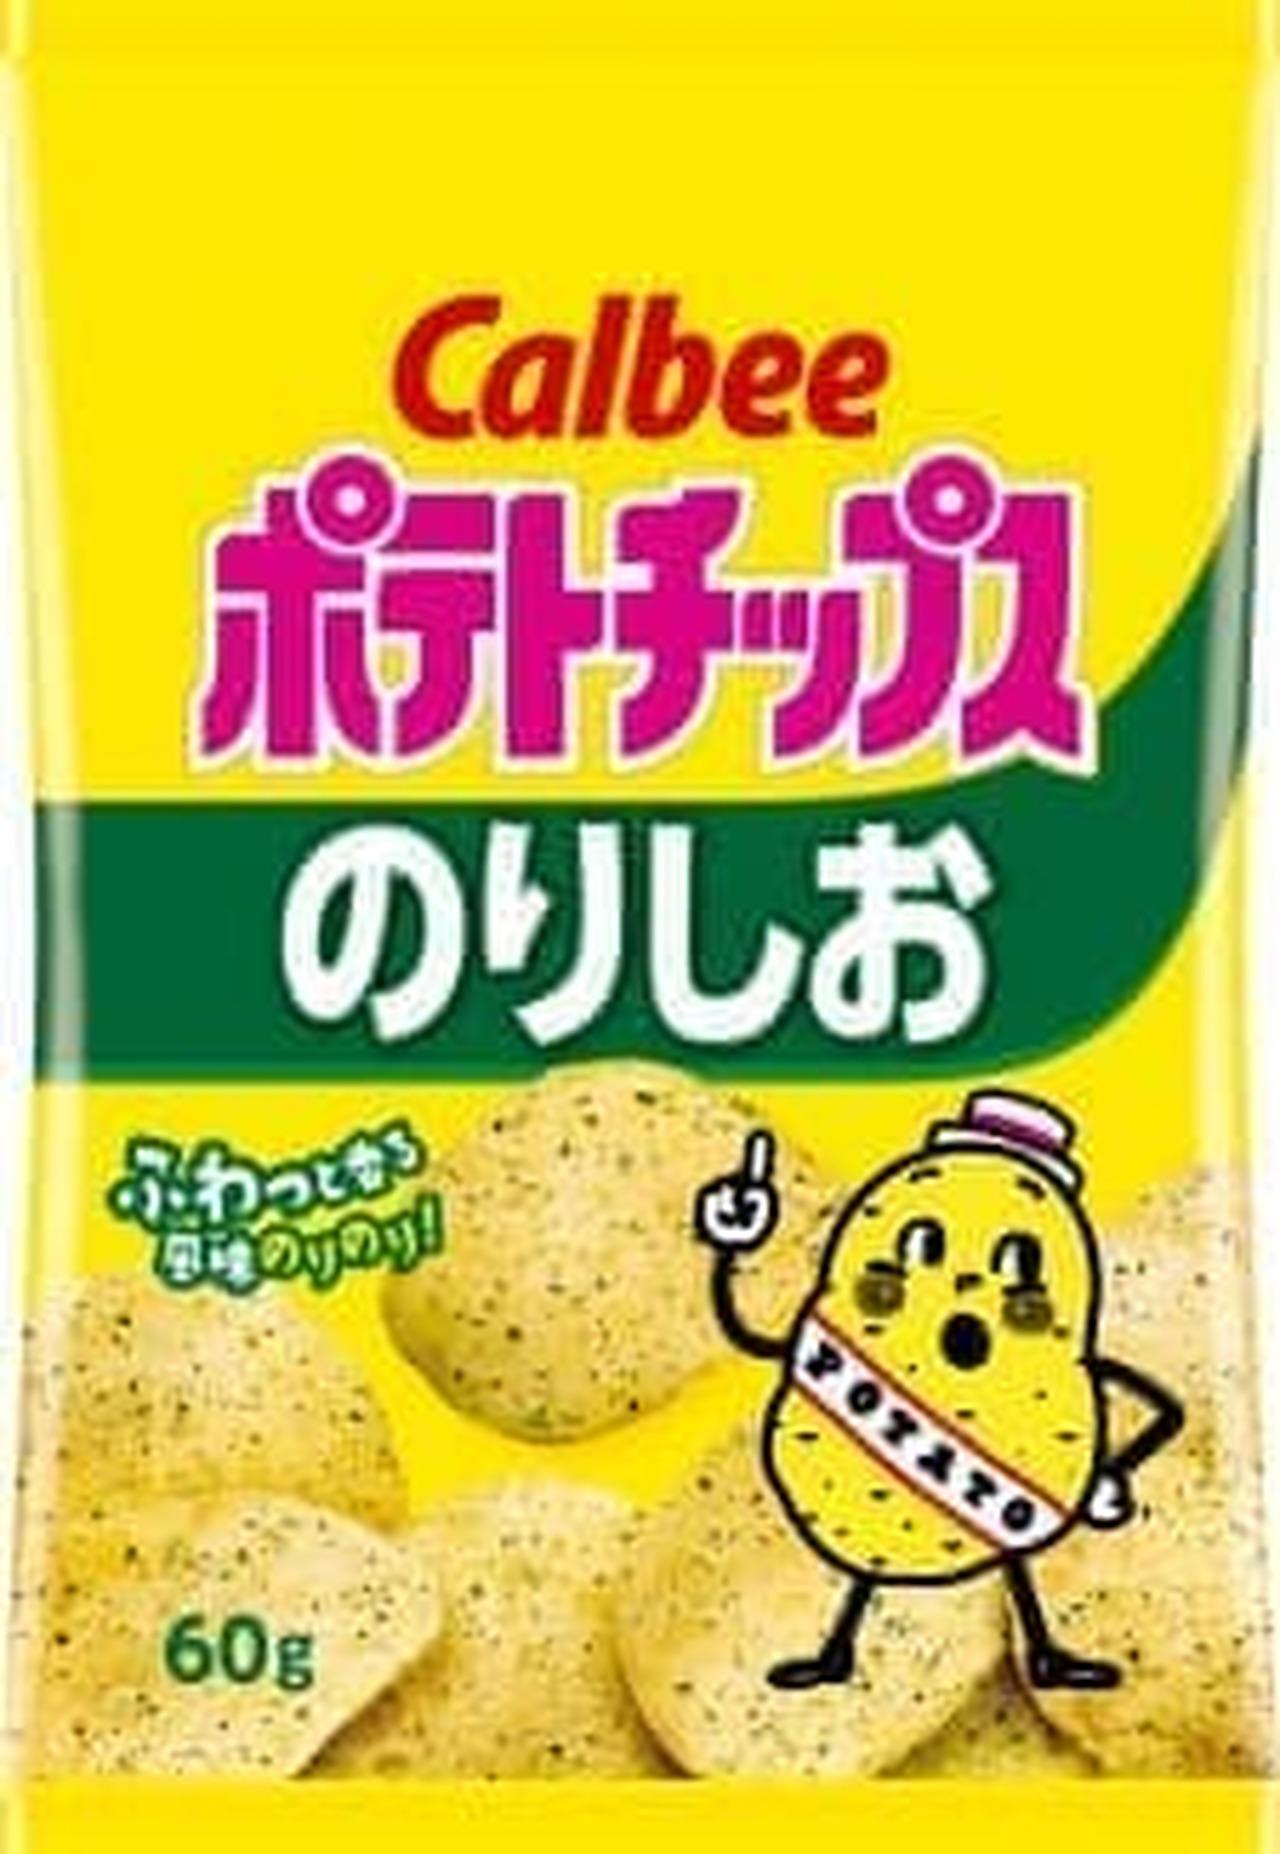 カルビー「ポテトチップス のりしお」